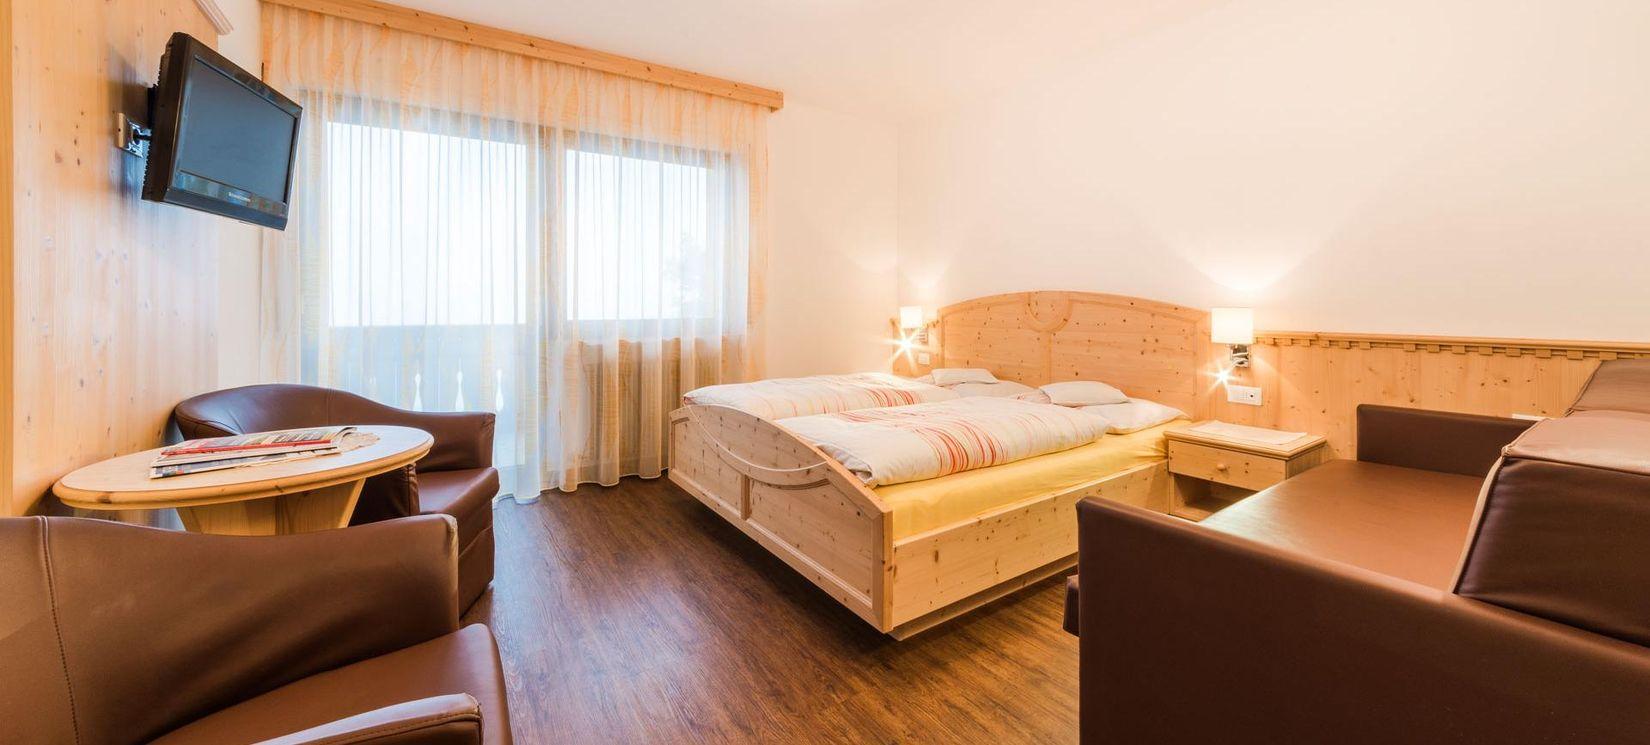 pension schenna mit fr hst ck pension hahnenkamm in s dtirol. Black Bedroom Furniture Sets. Home Design Ideas